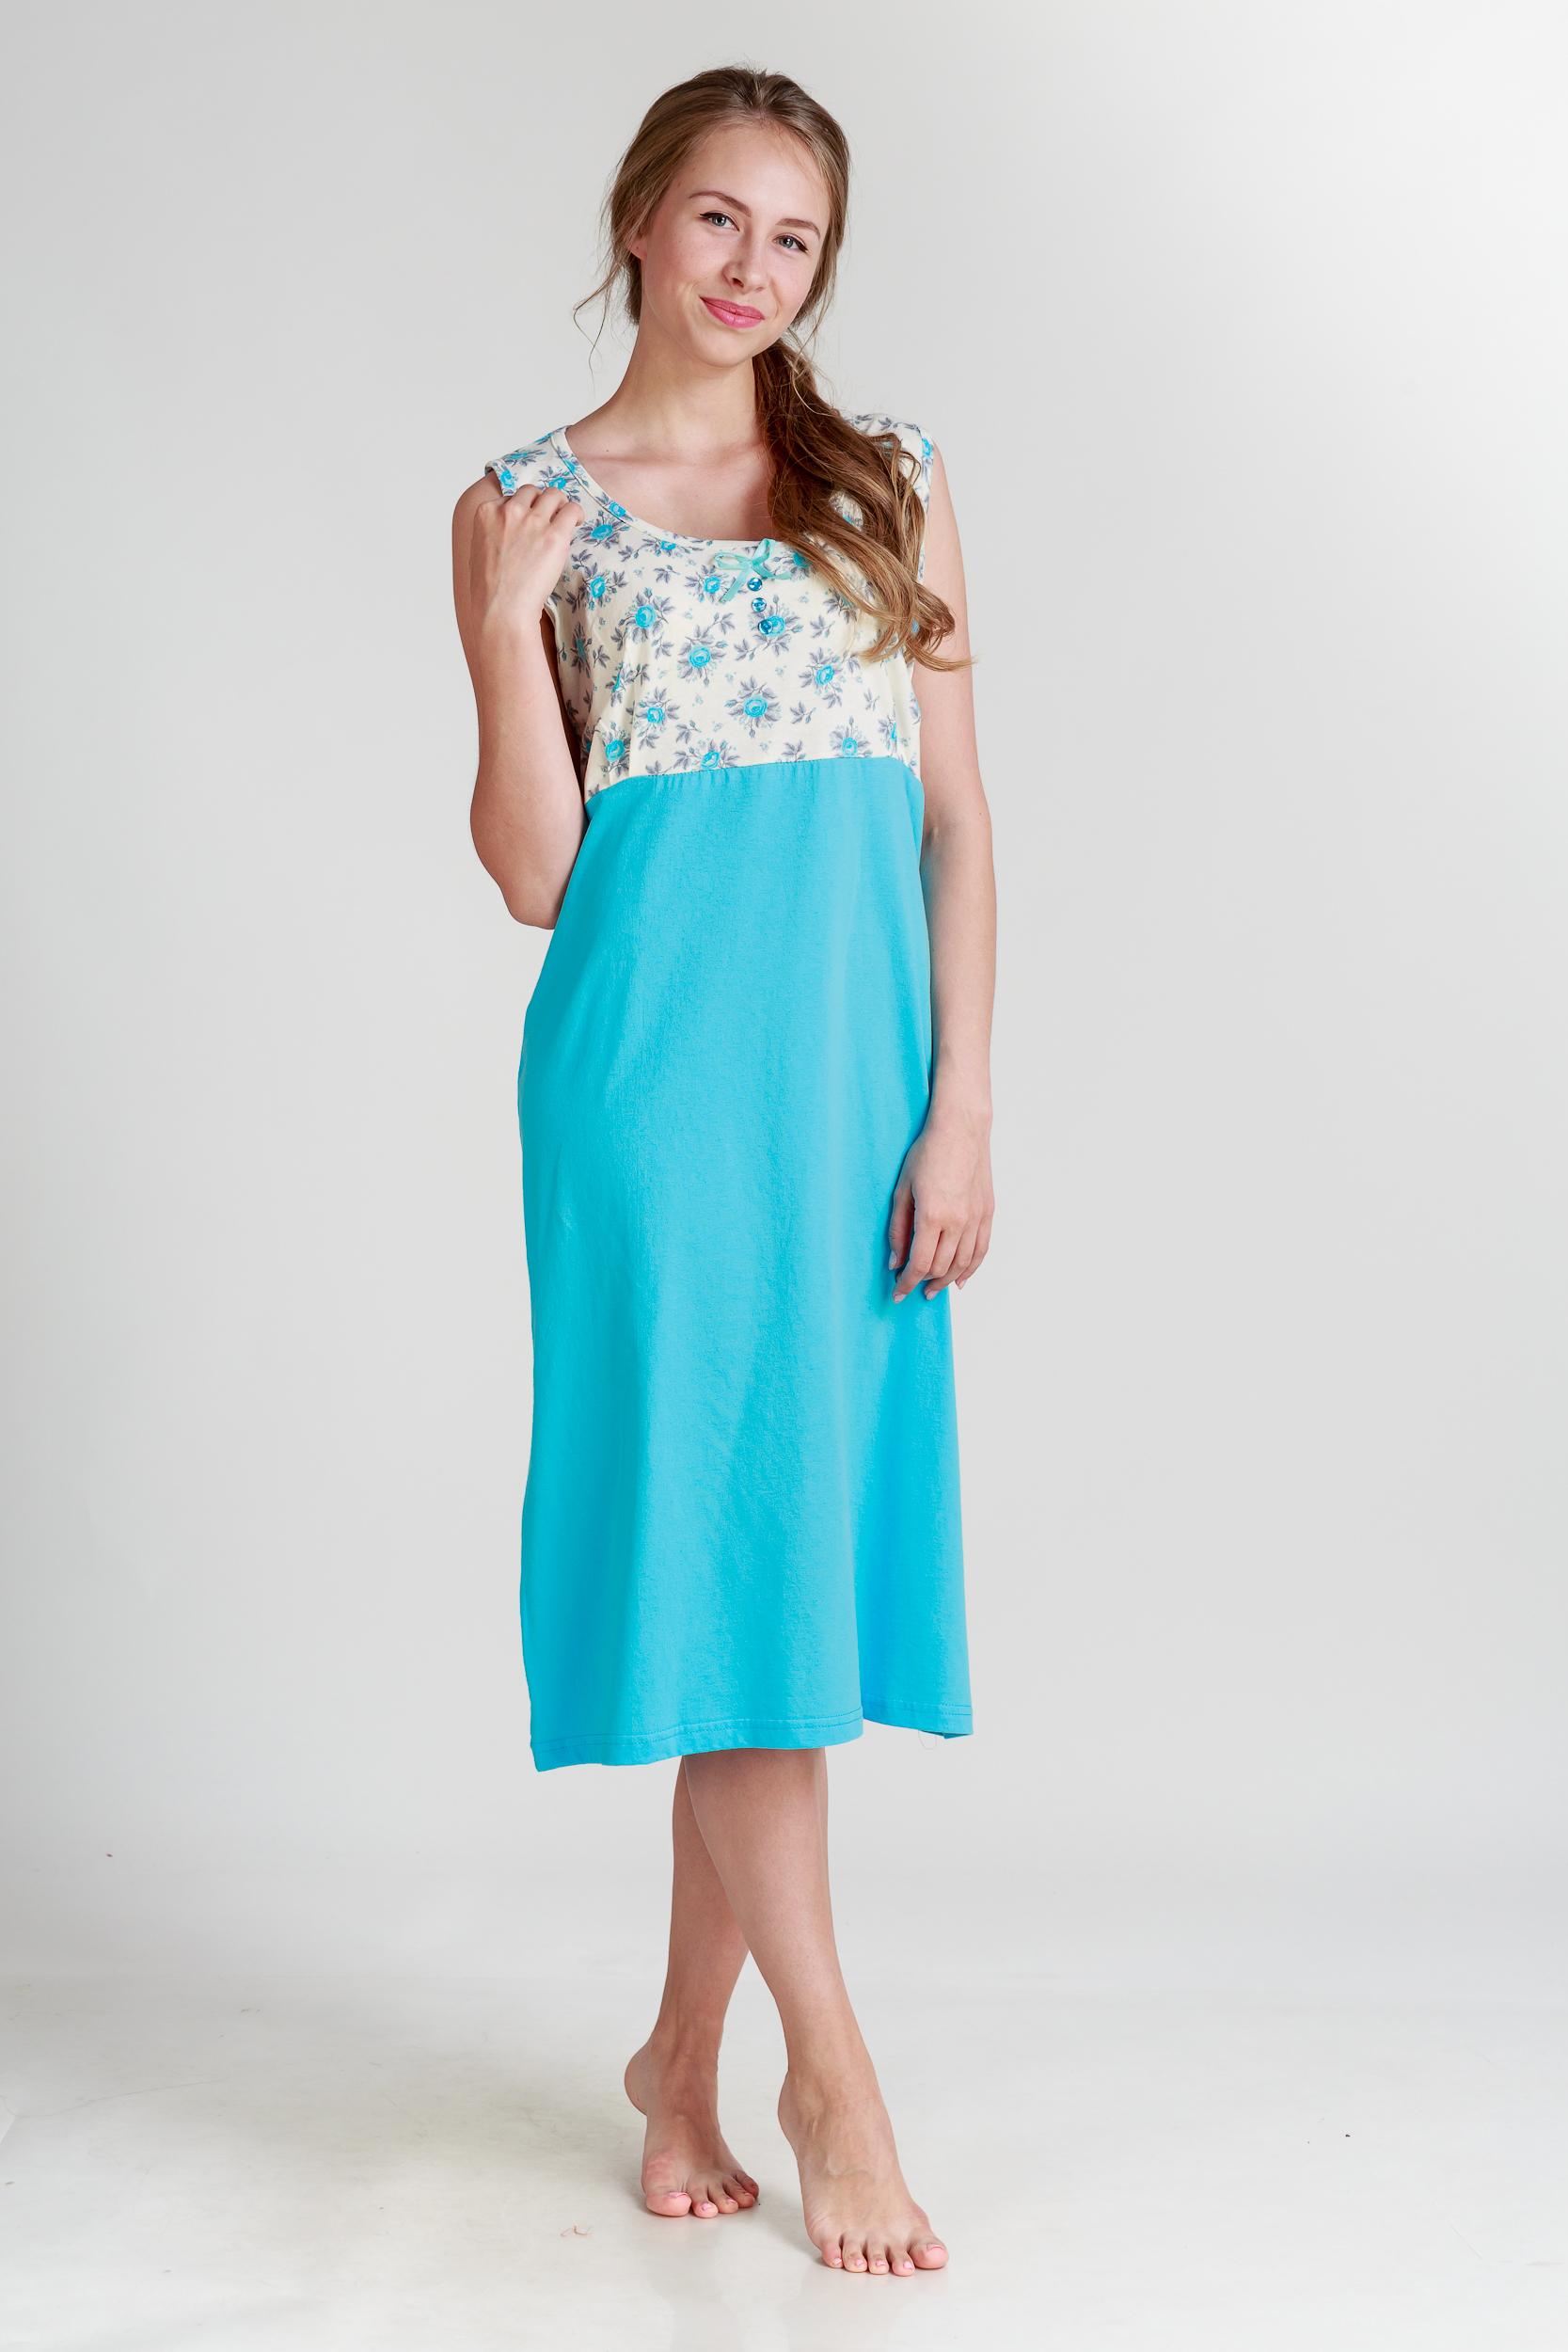 Ночные сорочки Pastilla Ночная сорочка Ваниль Цвет: Голубой (xL-xxL) ночные сорочки мамин дом ночная сорочка harmony